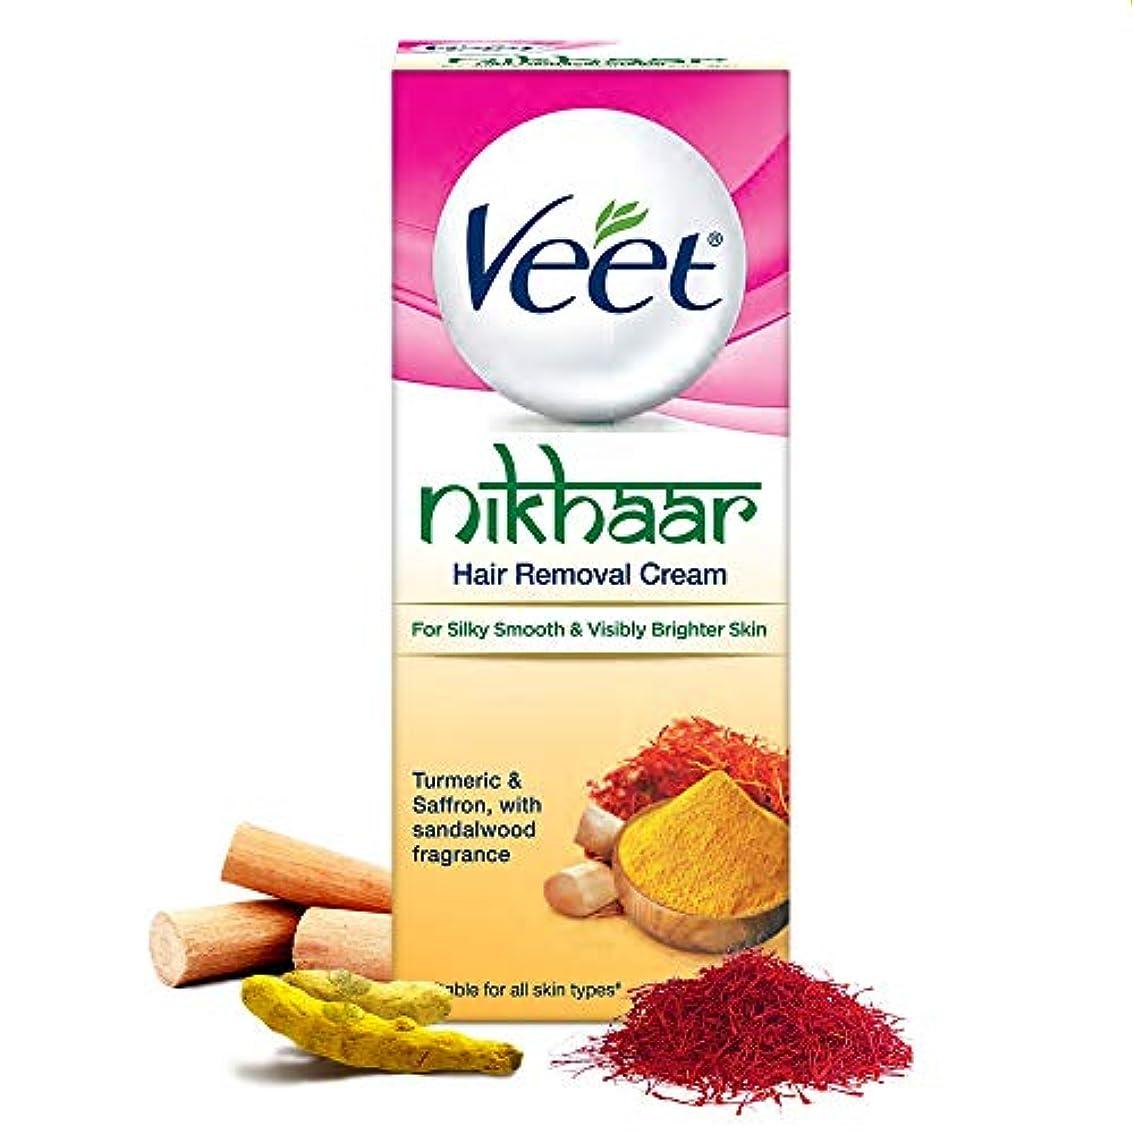 展開するクライアント一定Veet Nikhaar Hair Removal Cream for All Skin Types, 50g - India